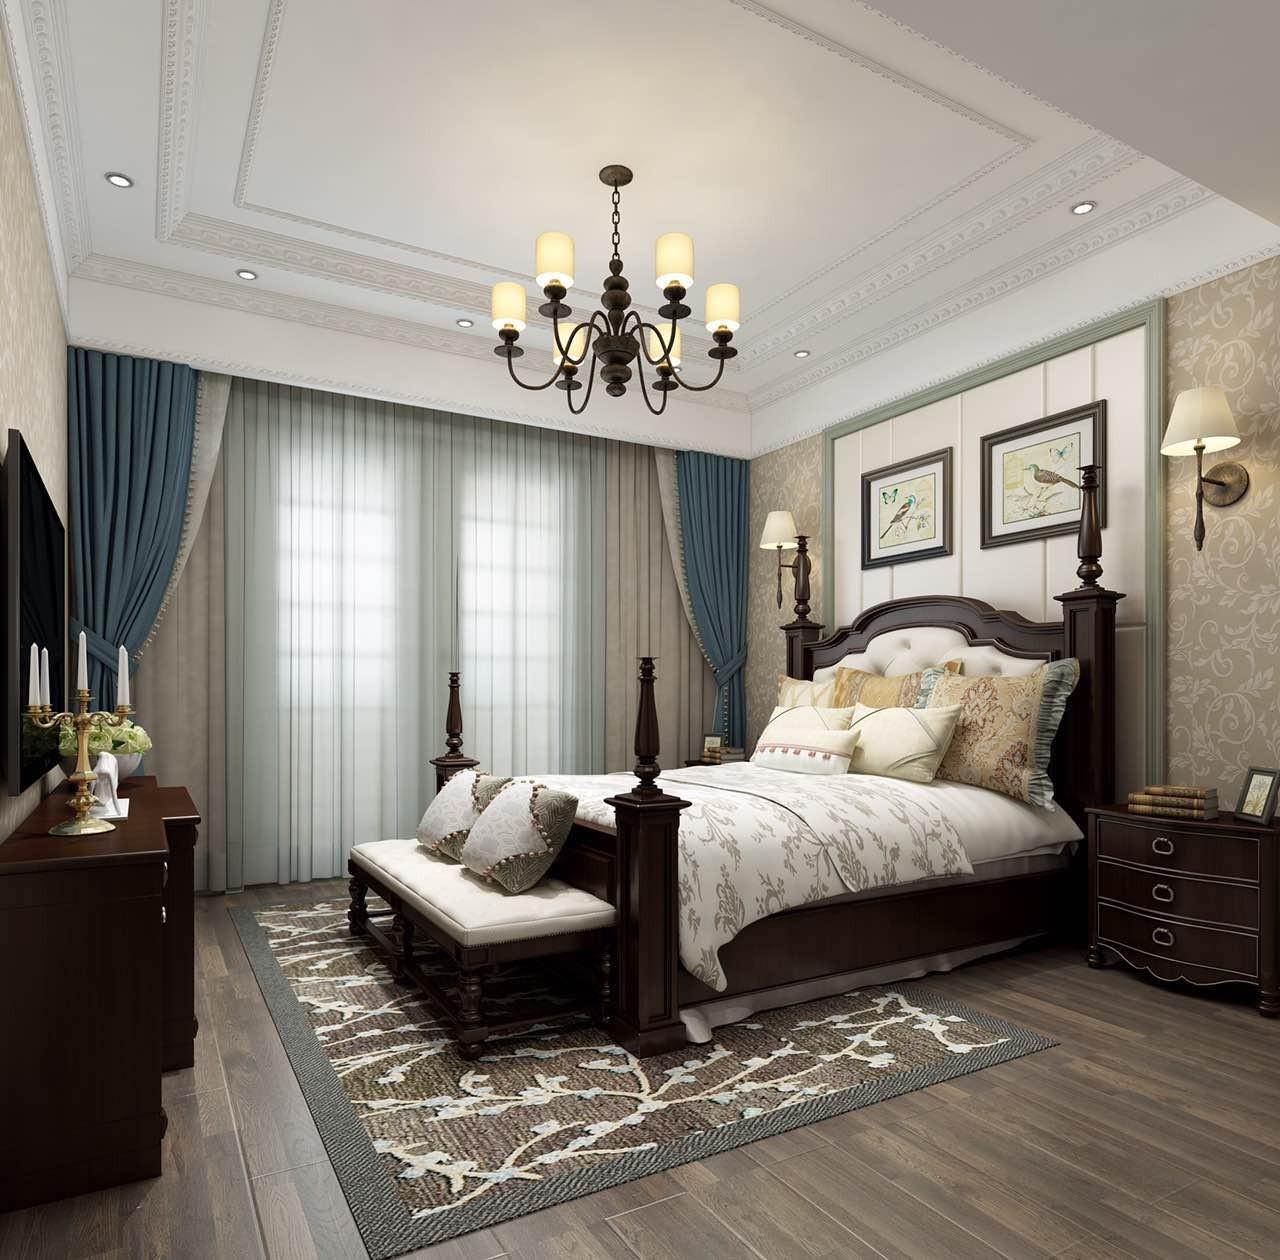 2020混搭卧室装修设计图片 2020混搭床头柜装修设计图片